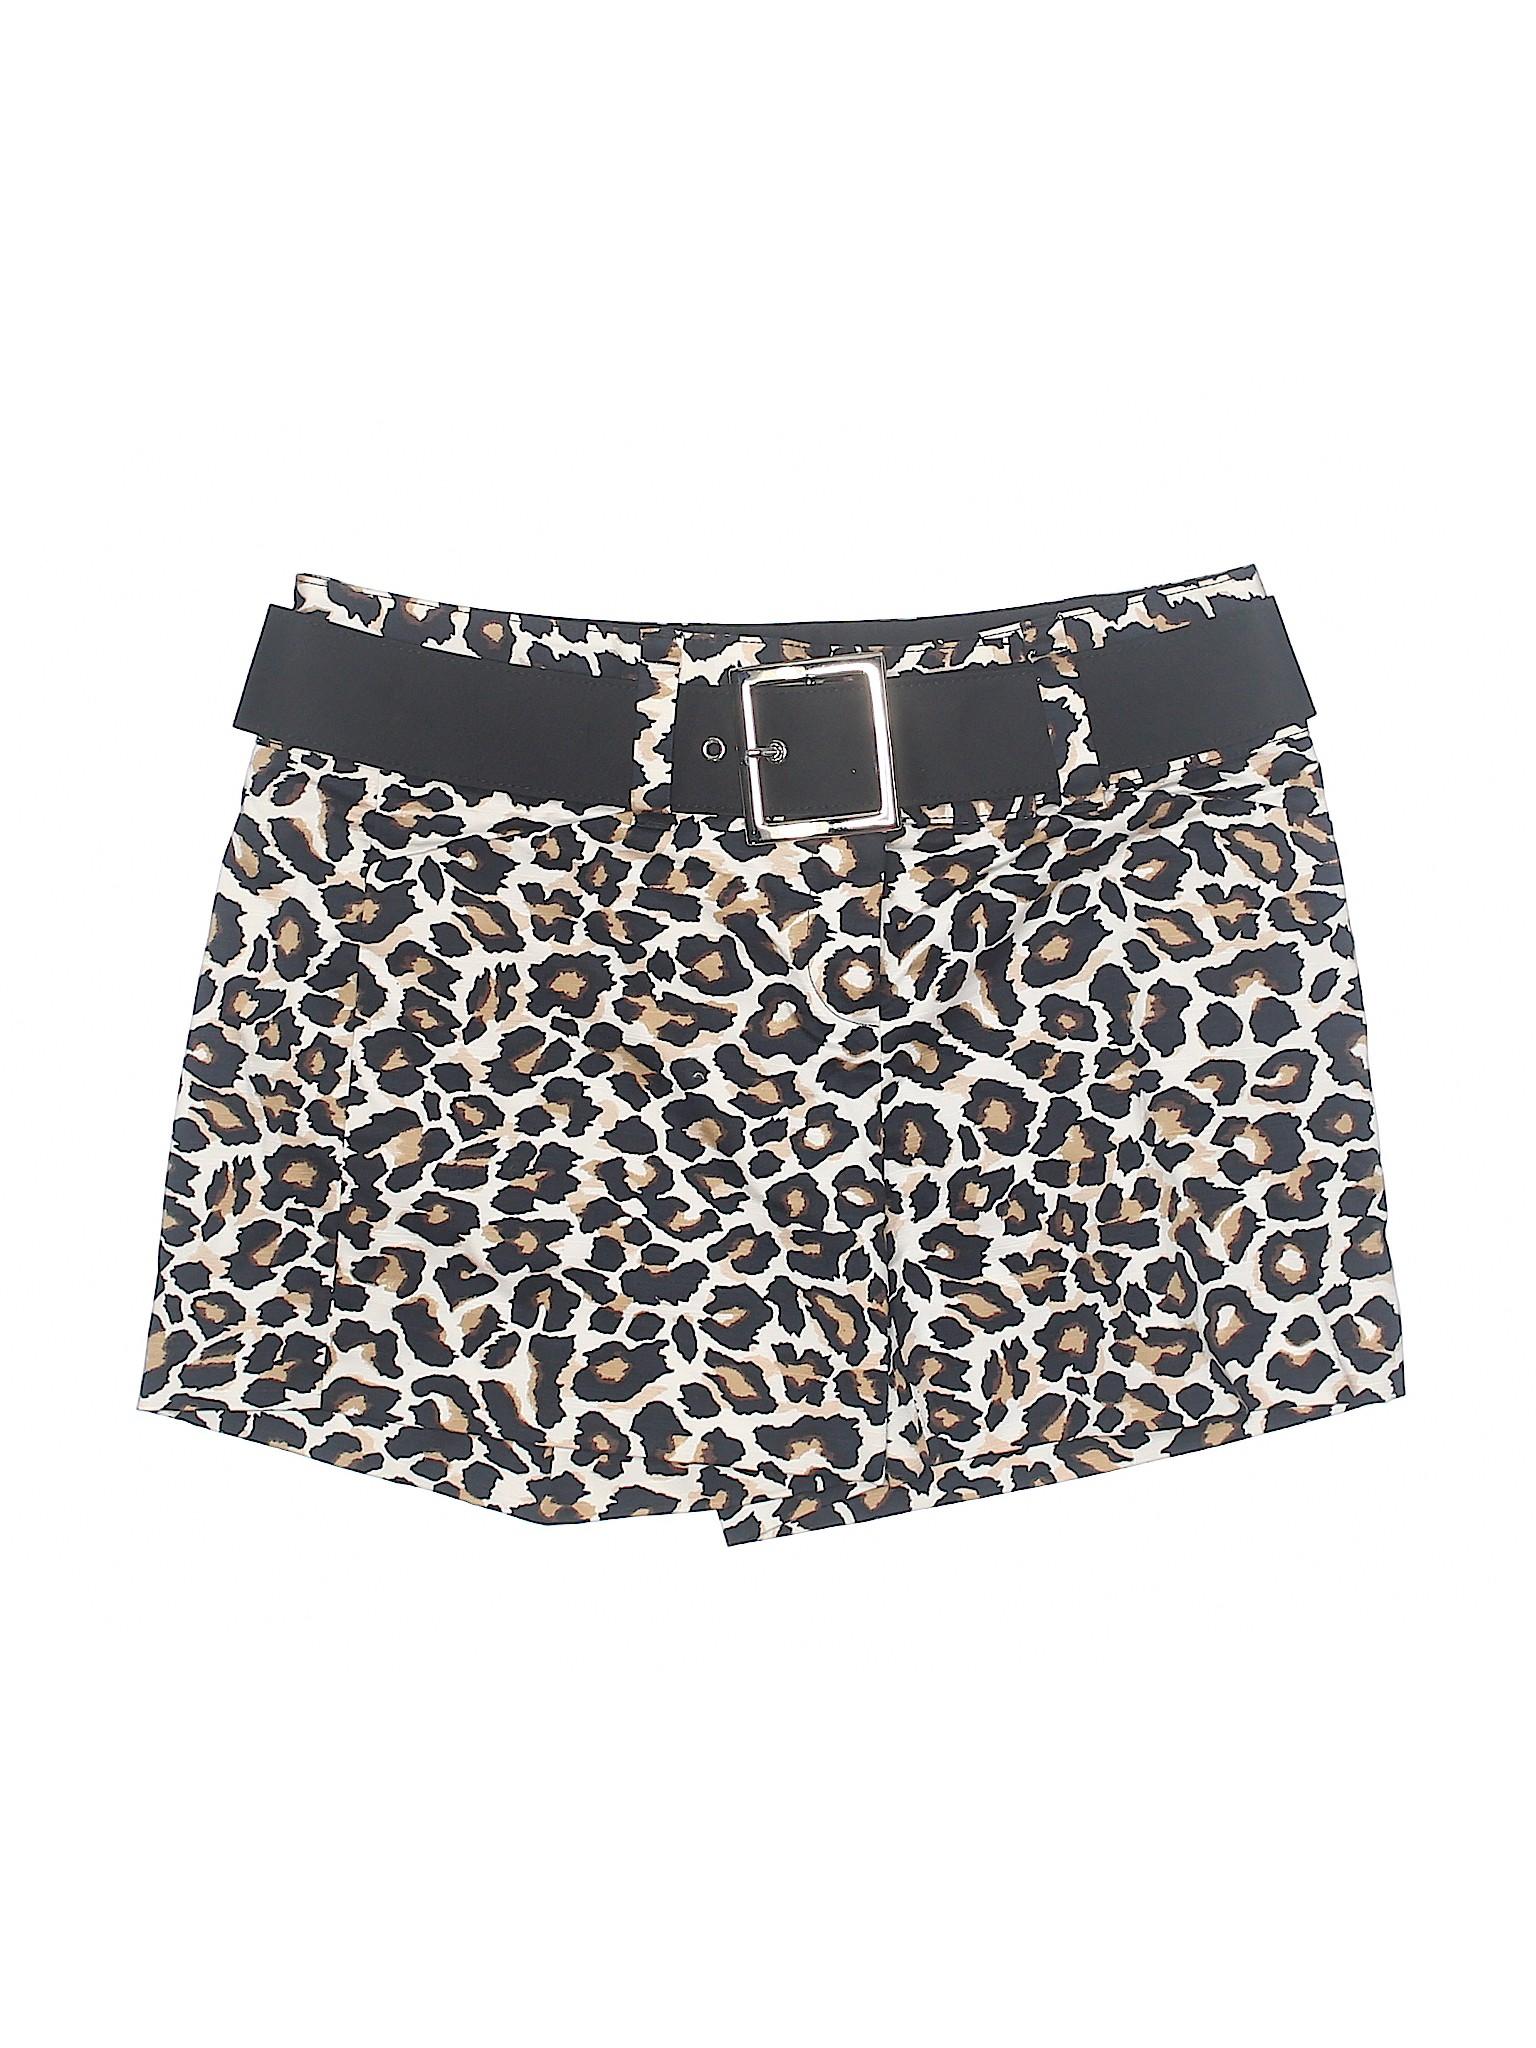 House White Market Boutique Dressy Black Shorts qRAZB15x